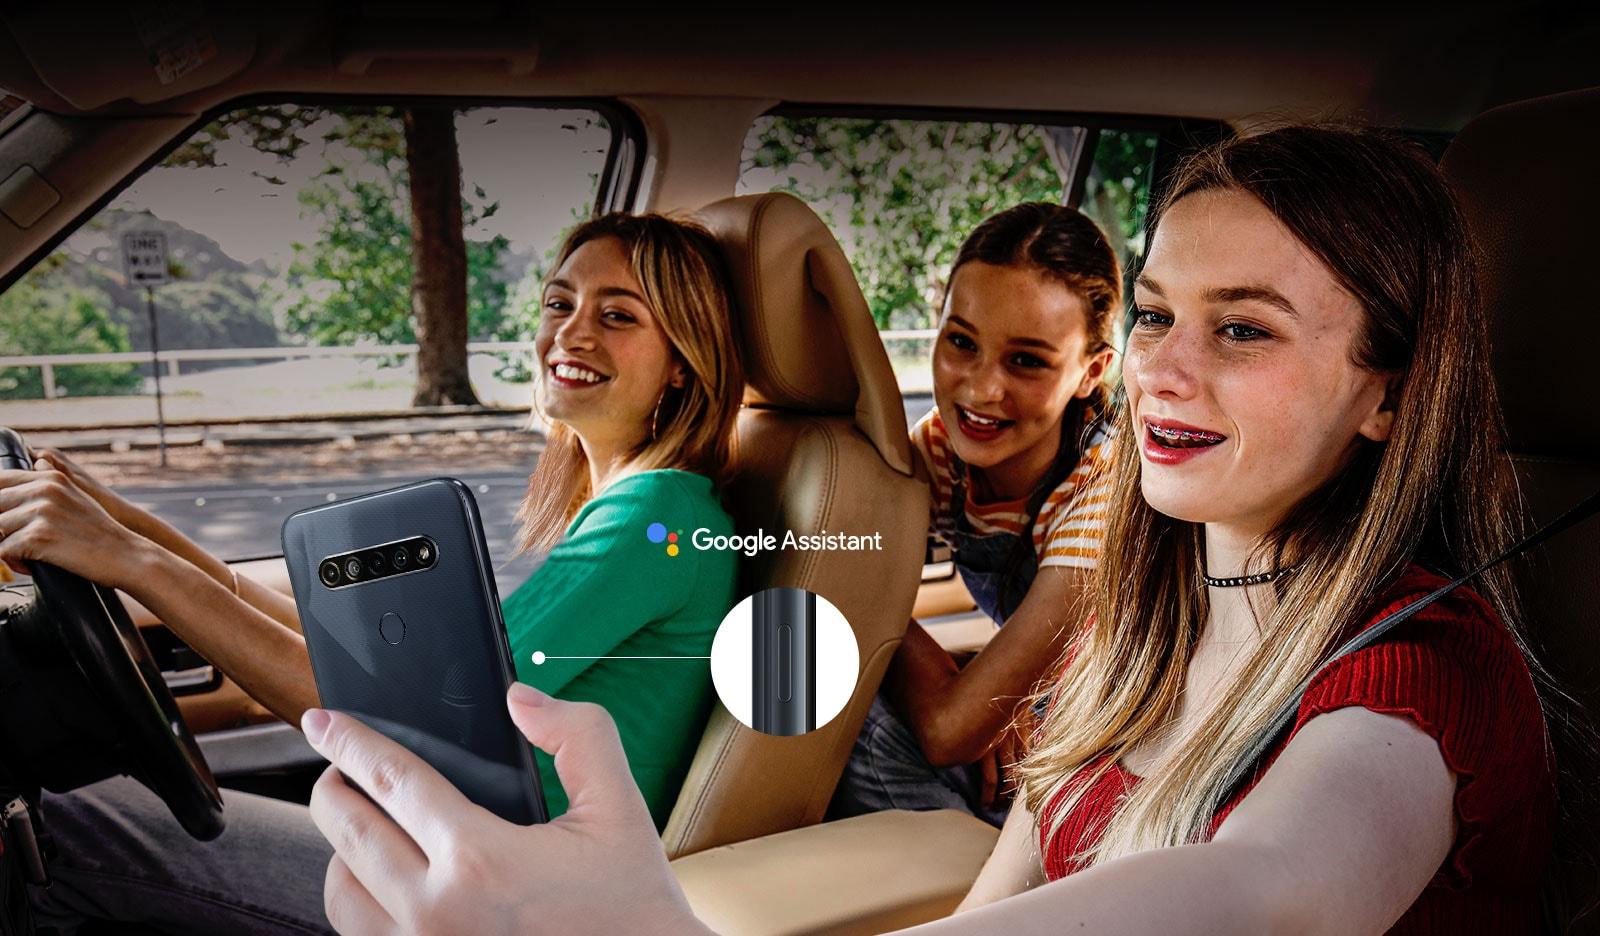 Mujer que busca con su teléfono inteligente en el automóvil con la función de Asistente de Google